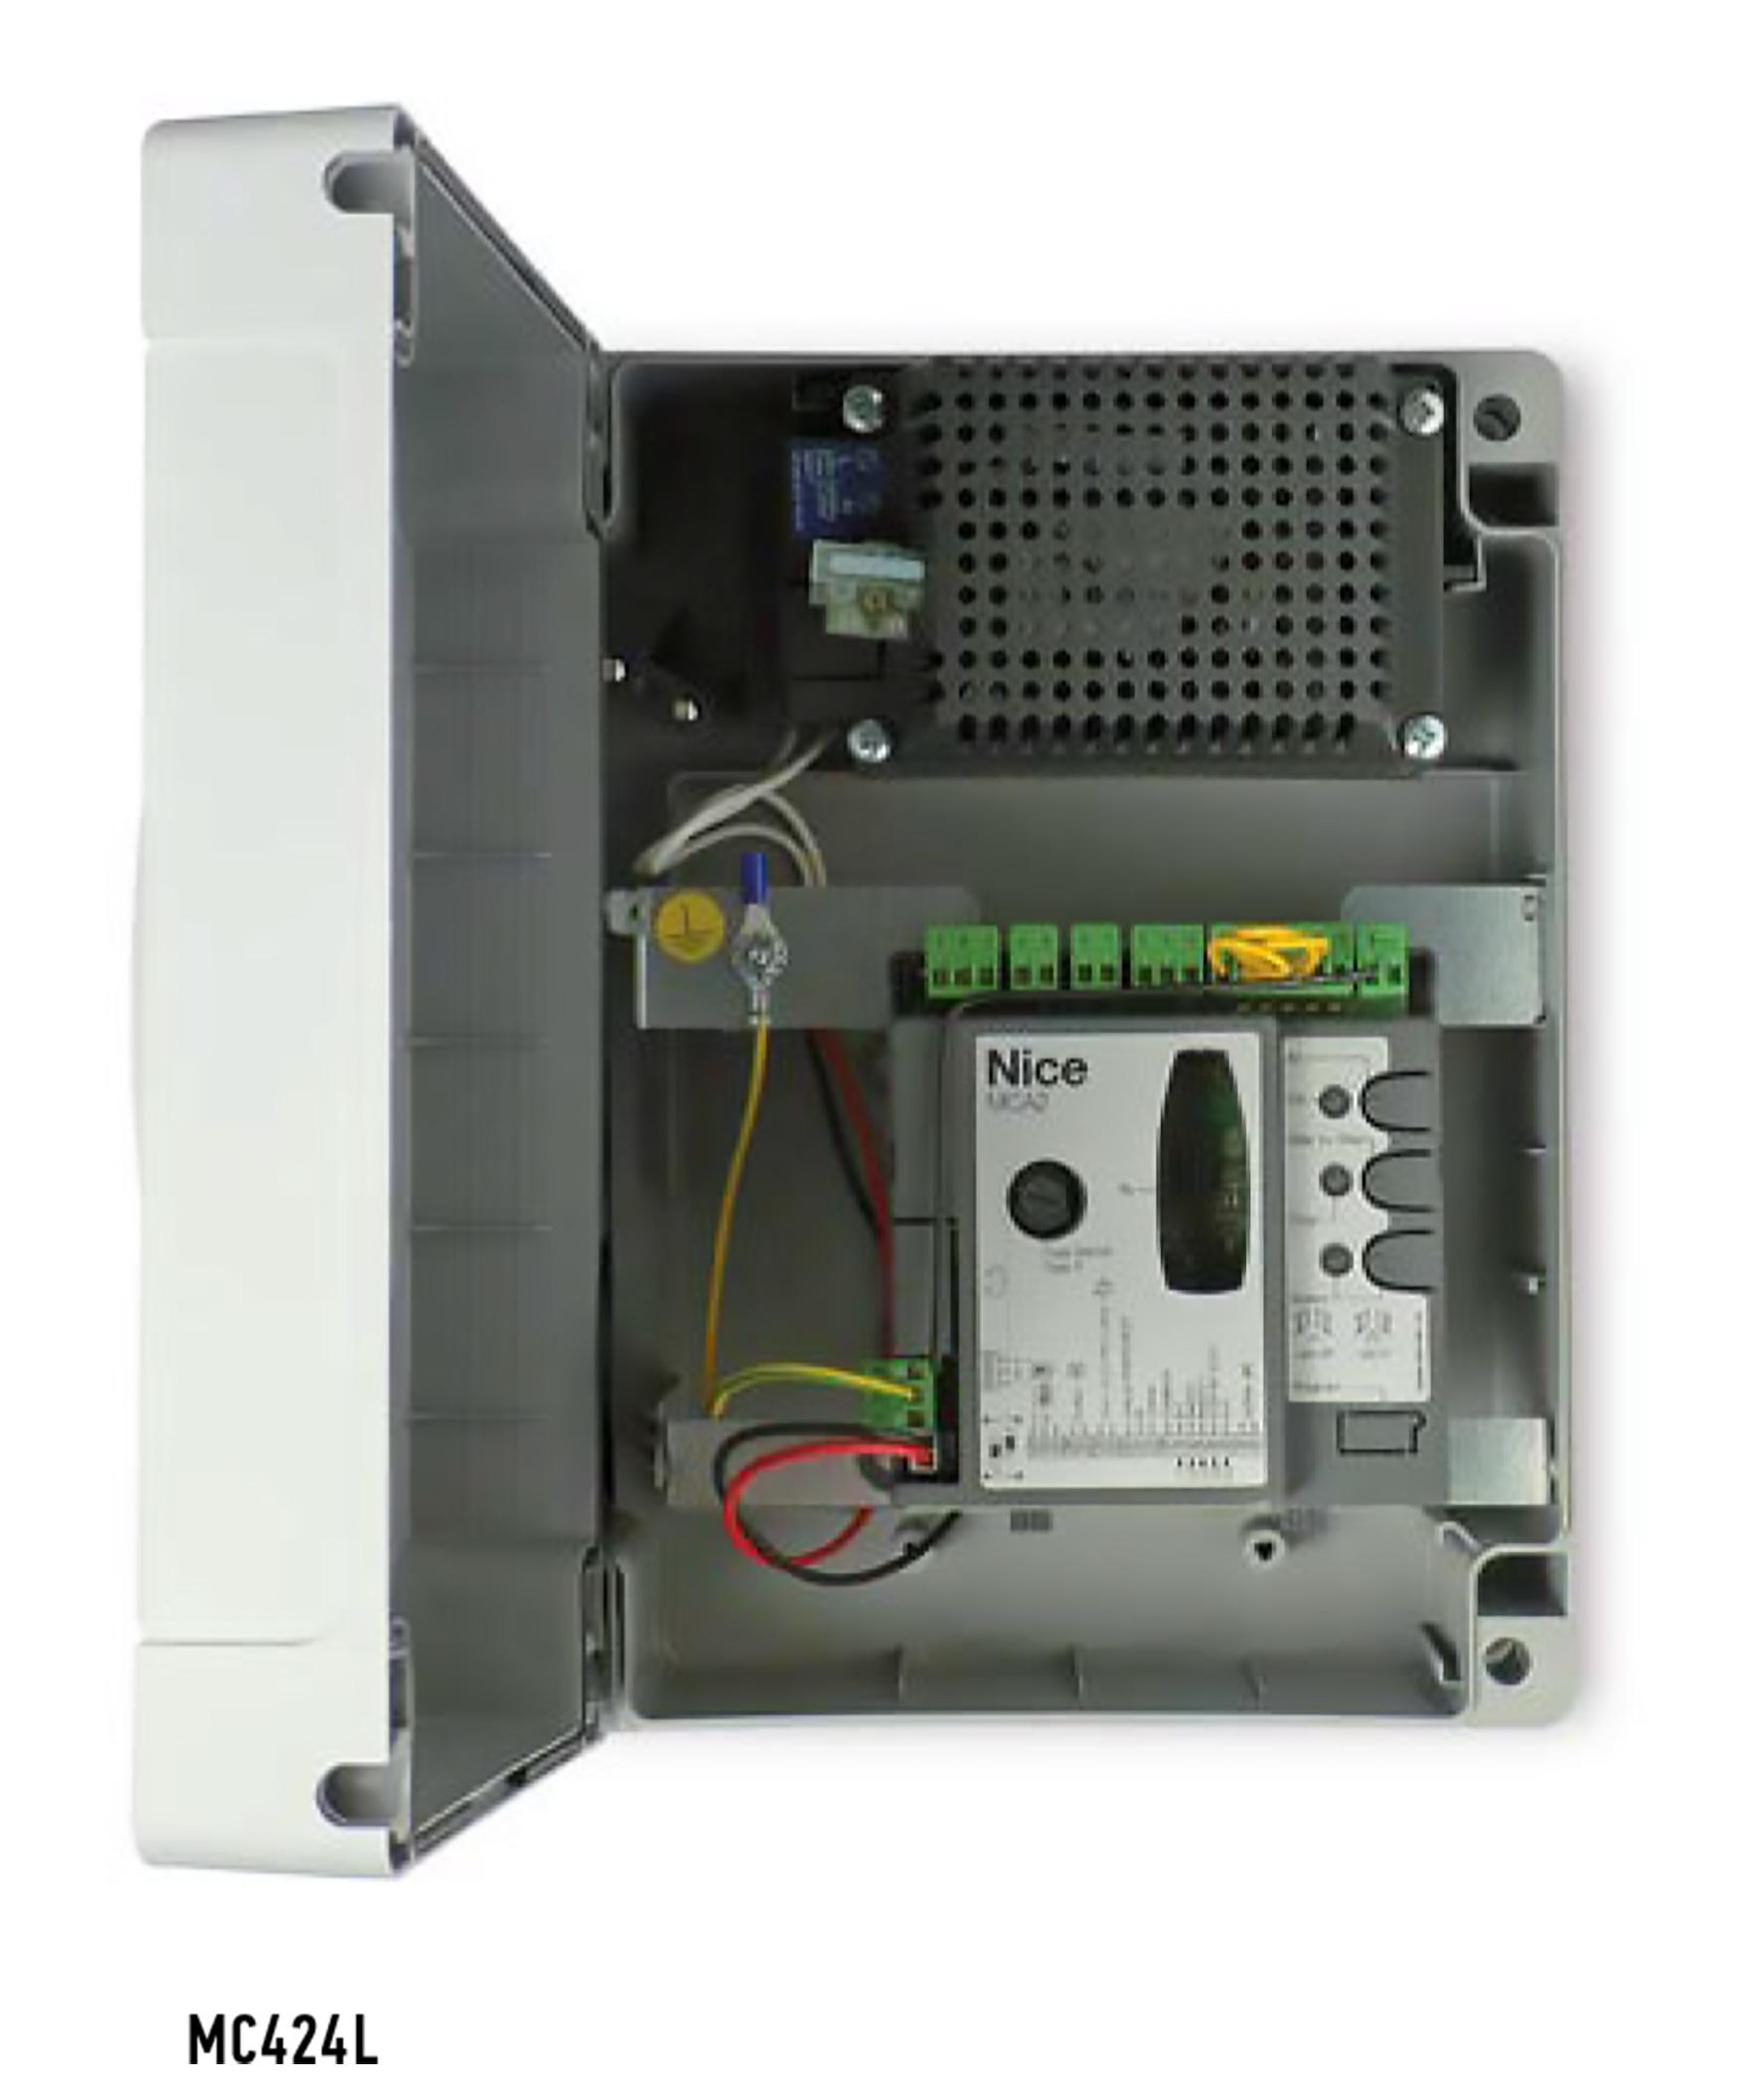 Schema Elettrico Per Automazione Cancello : Nice moonclever mc l centrale di comando per automazione v